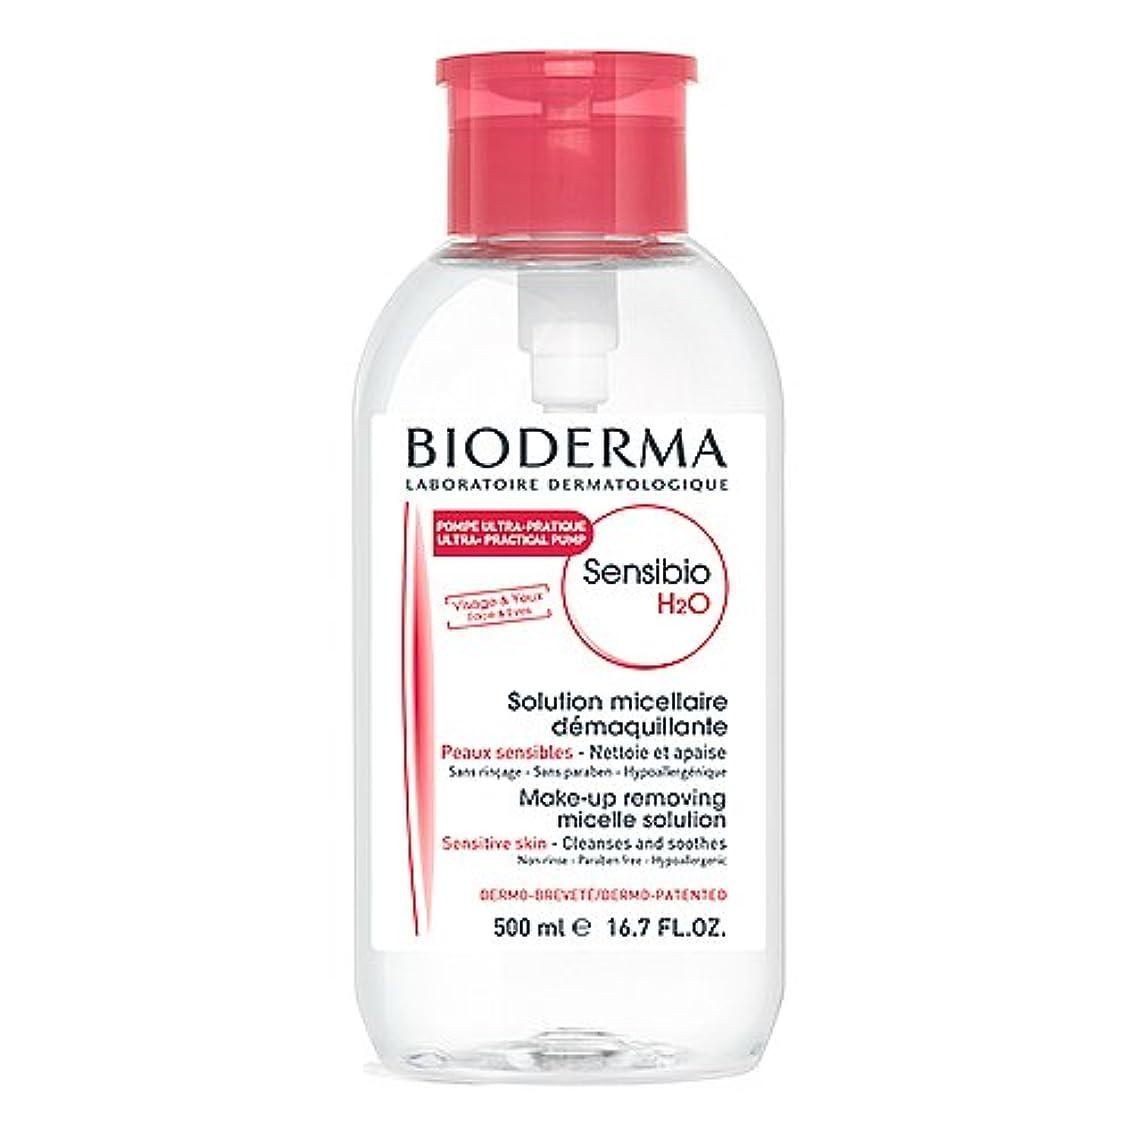 災難イソギンチャクスタックビオデルマ BIODERMA サンシビオ H2O エイチツーオー D 500ml ポンプタイプ